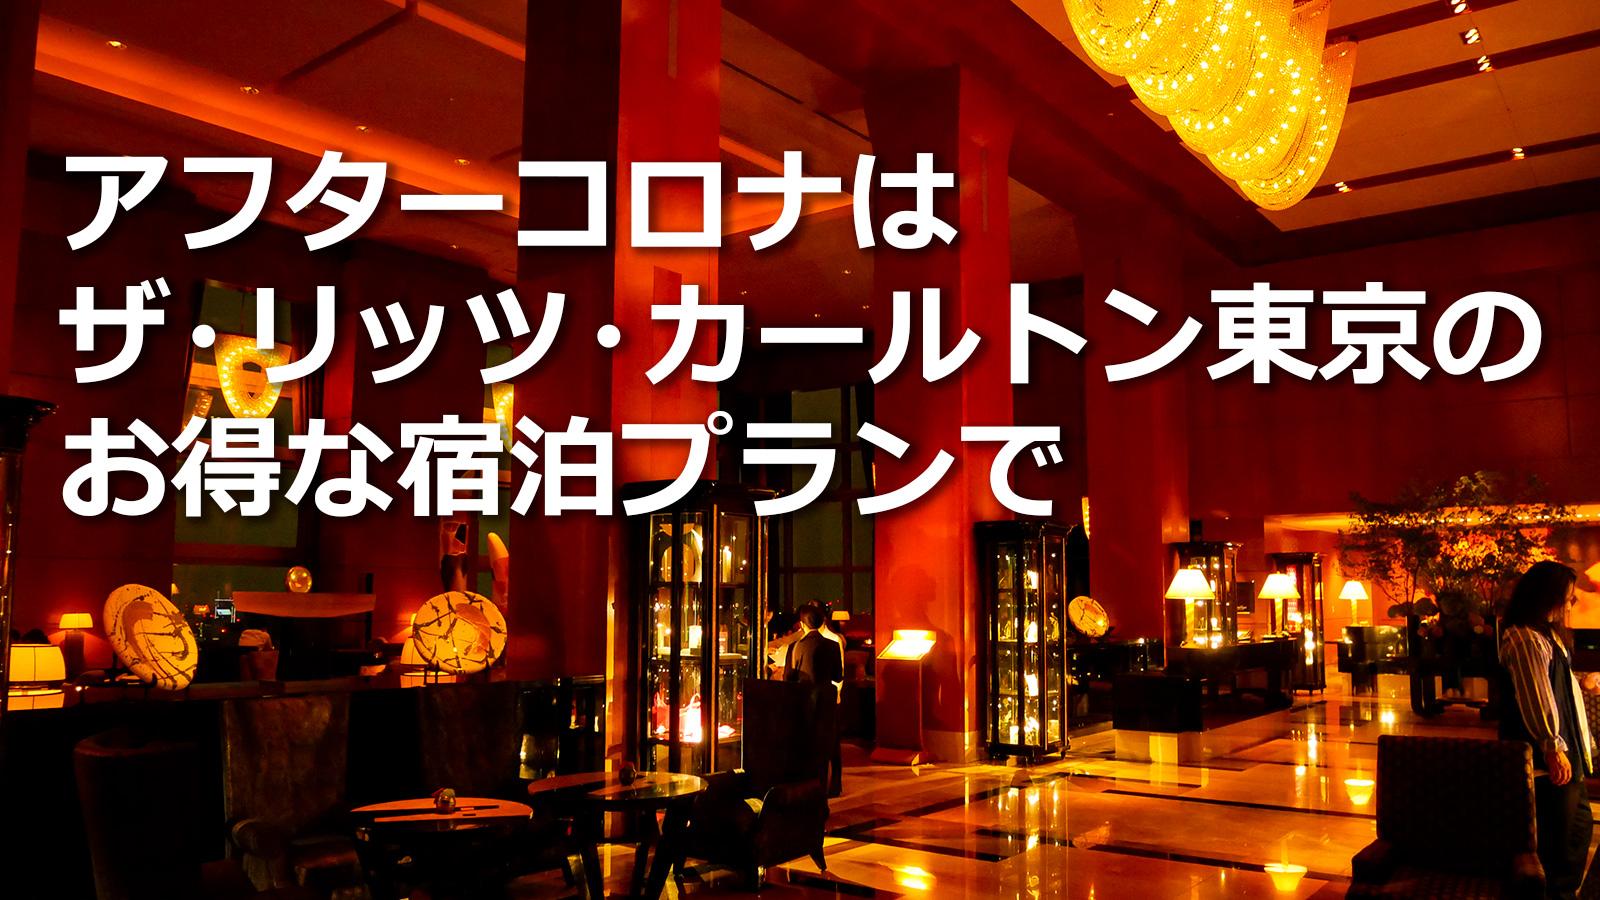 アフターコロナはザ・リッツ・カールトン東京のお得な宿泊プランで